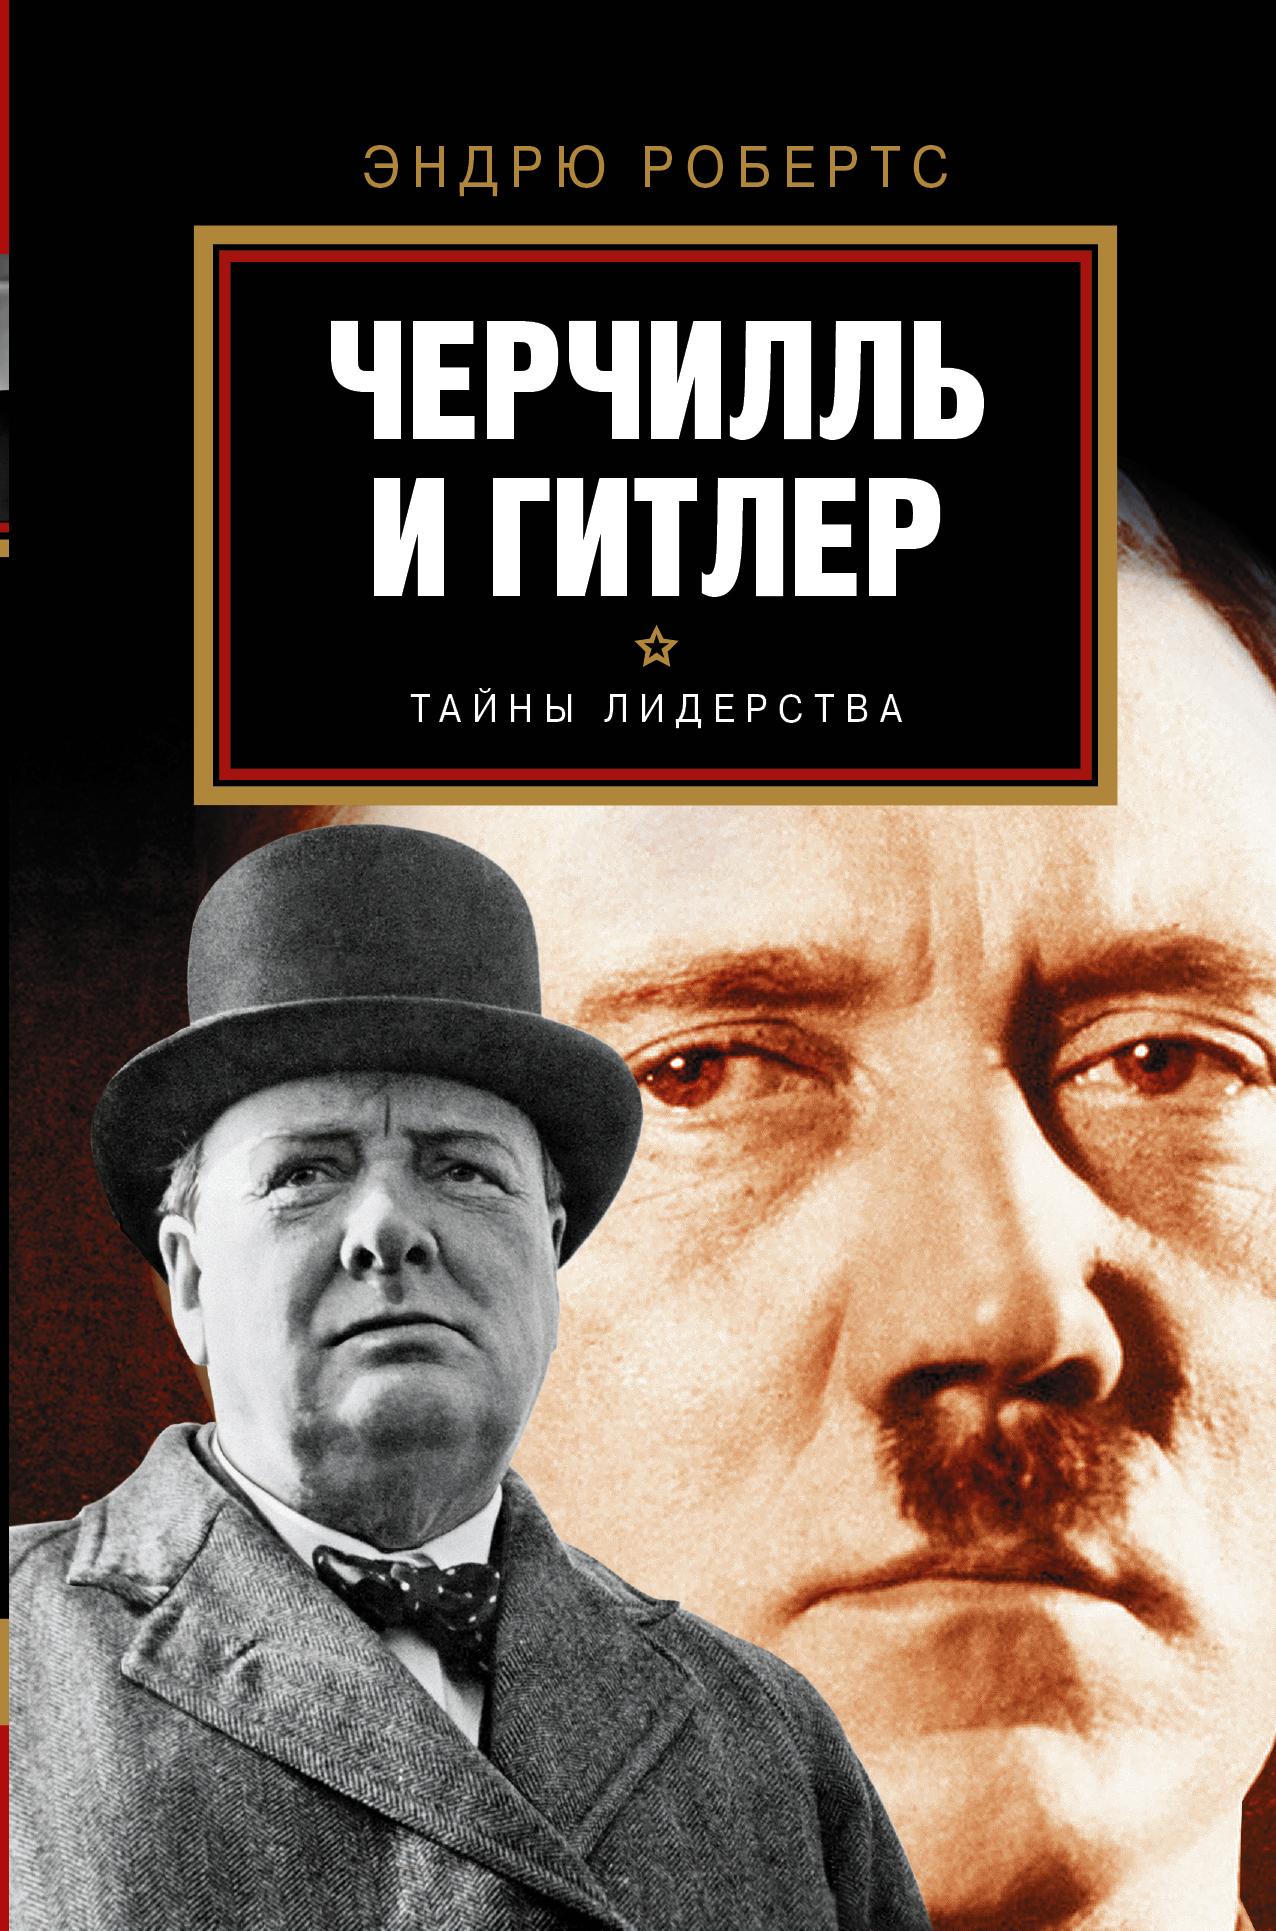 Гитлер и Черчилль., Робертс Эндрю, ISBN 9785170869671, Издательство «АСТ», 2015, Тайны лидерства , 978-5-1708-6967-1, 978-5-170-86967-1, 978-5-17-086967-1 - купить со скидкой